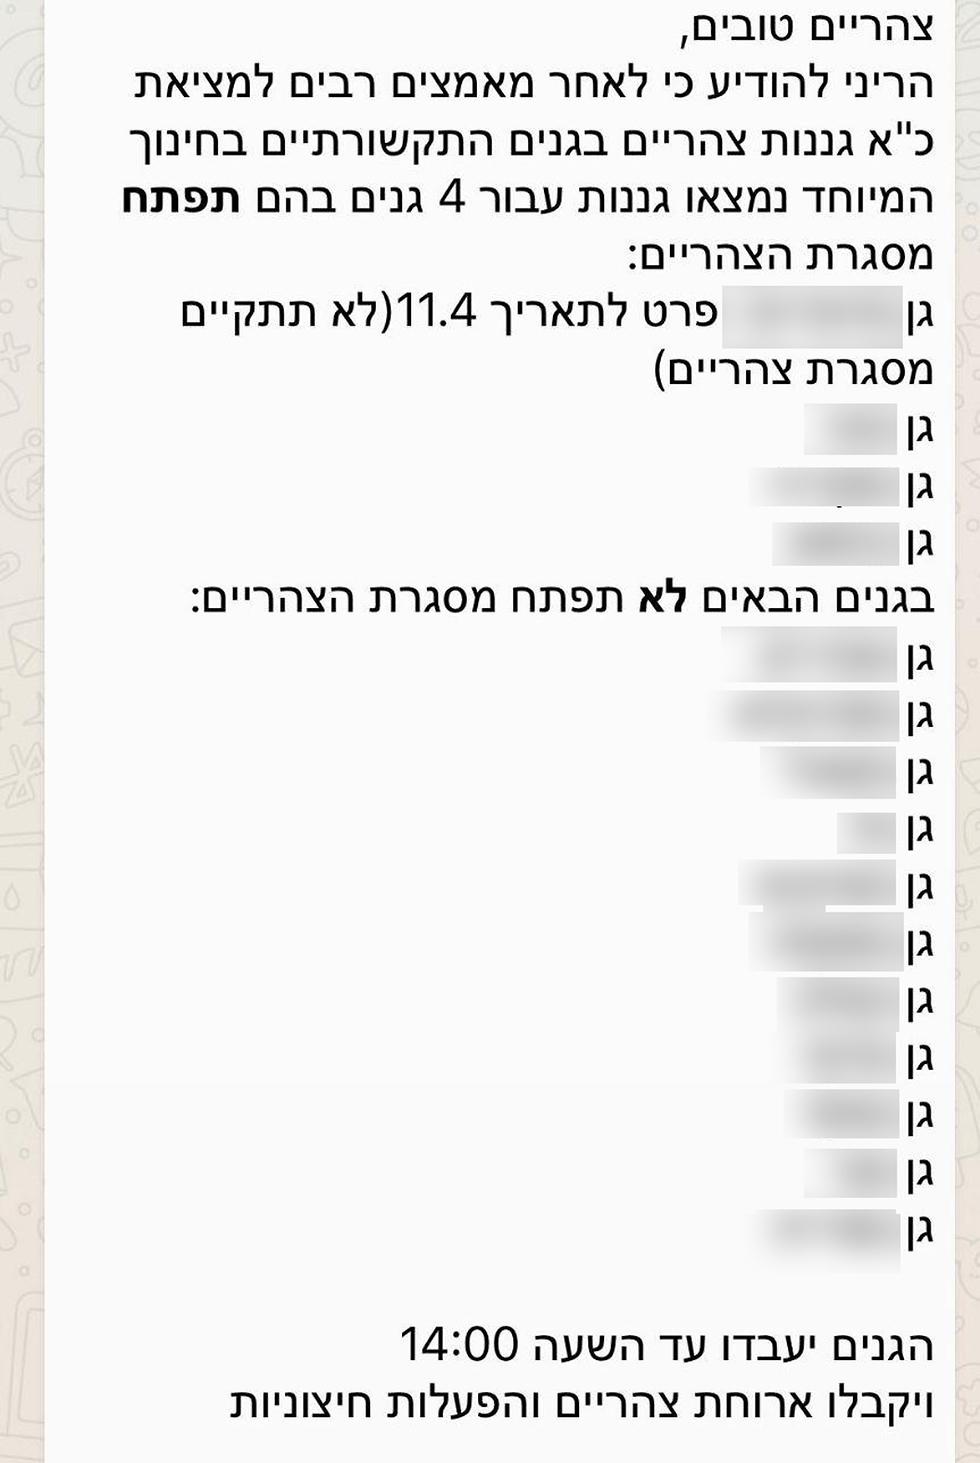 צילום מסך וואטסאפ הודעה פתרון ל הורים מ חיפה מצוקה מצוקת סייעות ב גנים לילדים  עם צרכים מיוחדים ()